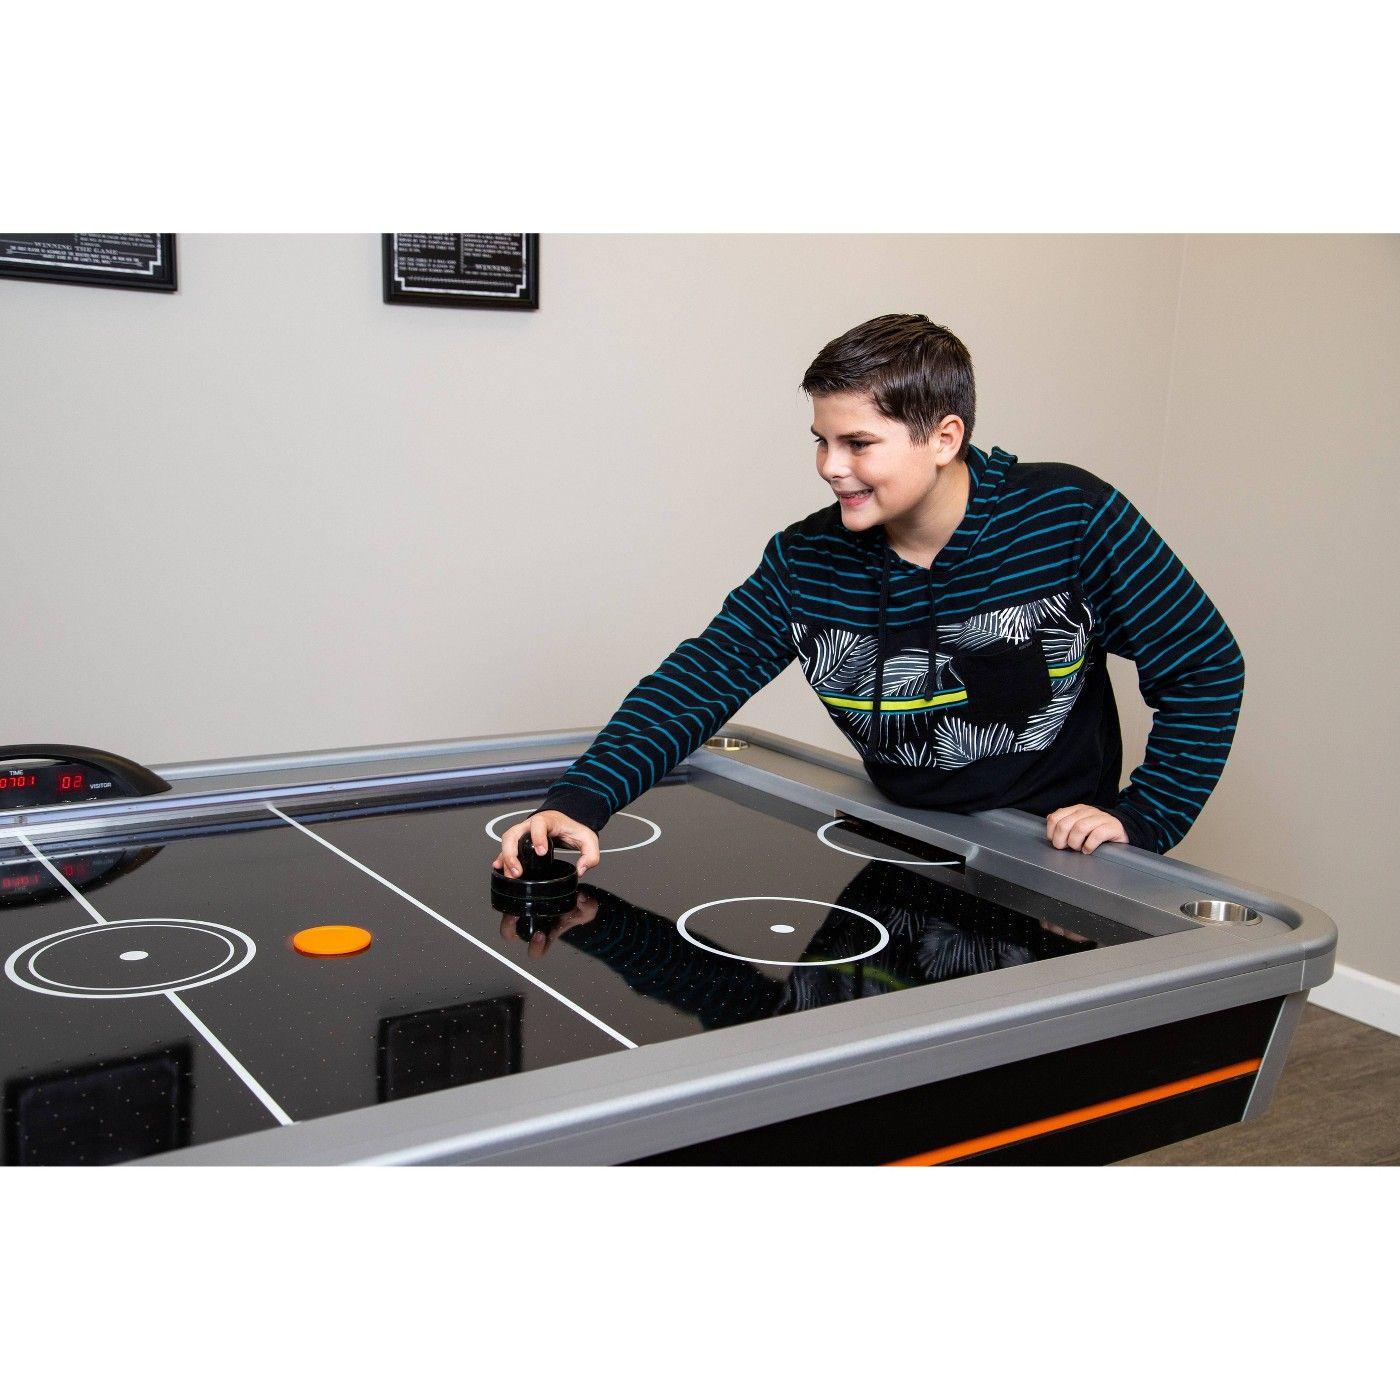 Hathaway Trailblazer 7' Arcade Level Air Hockey Table with